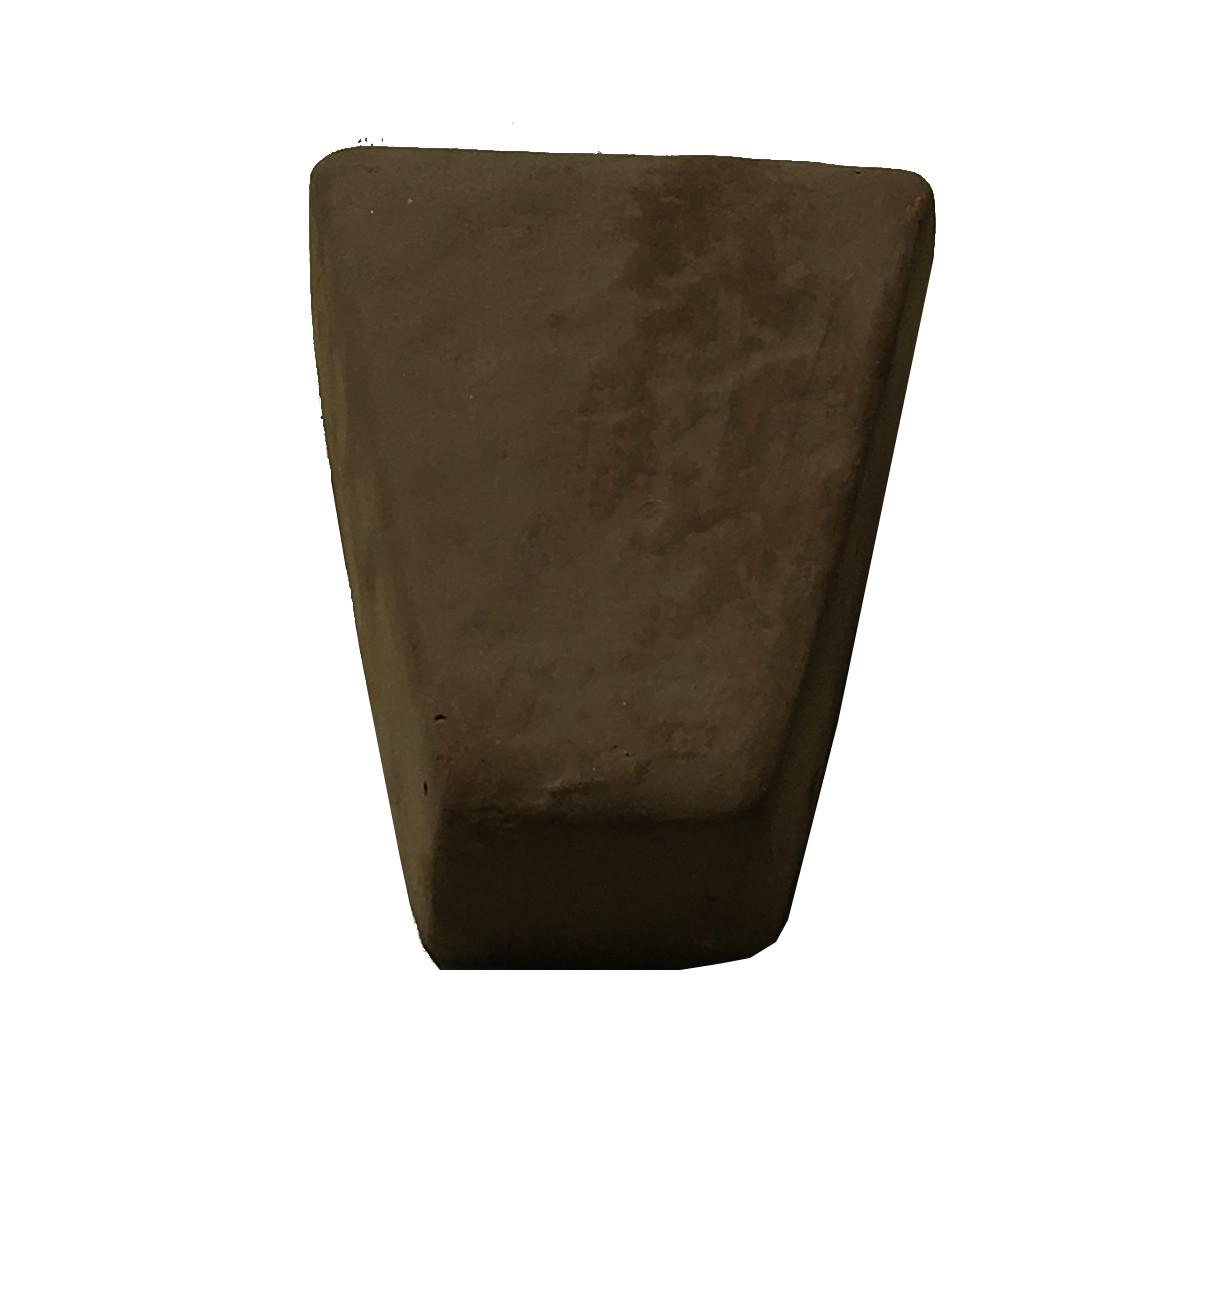 Rock Cobble Turn Mini Golden Tan - 130x100x50mm - 2kg